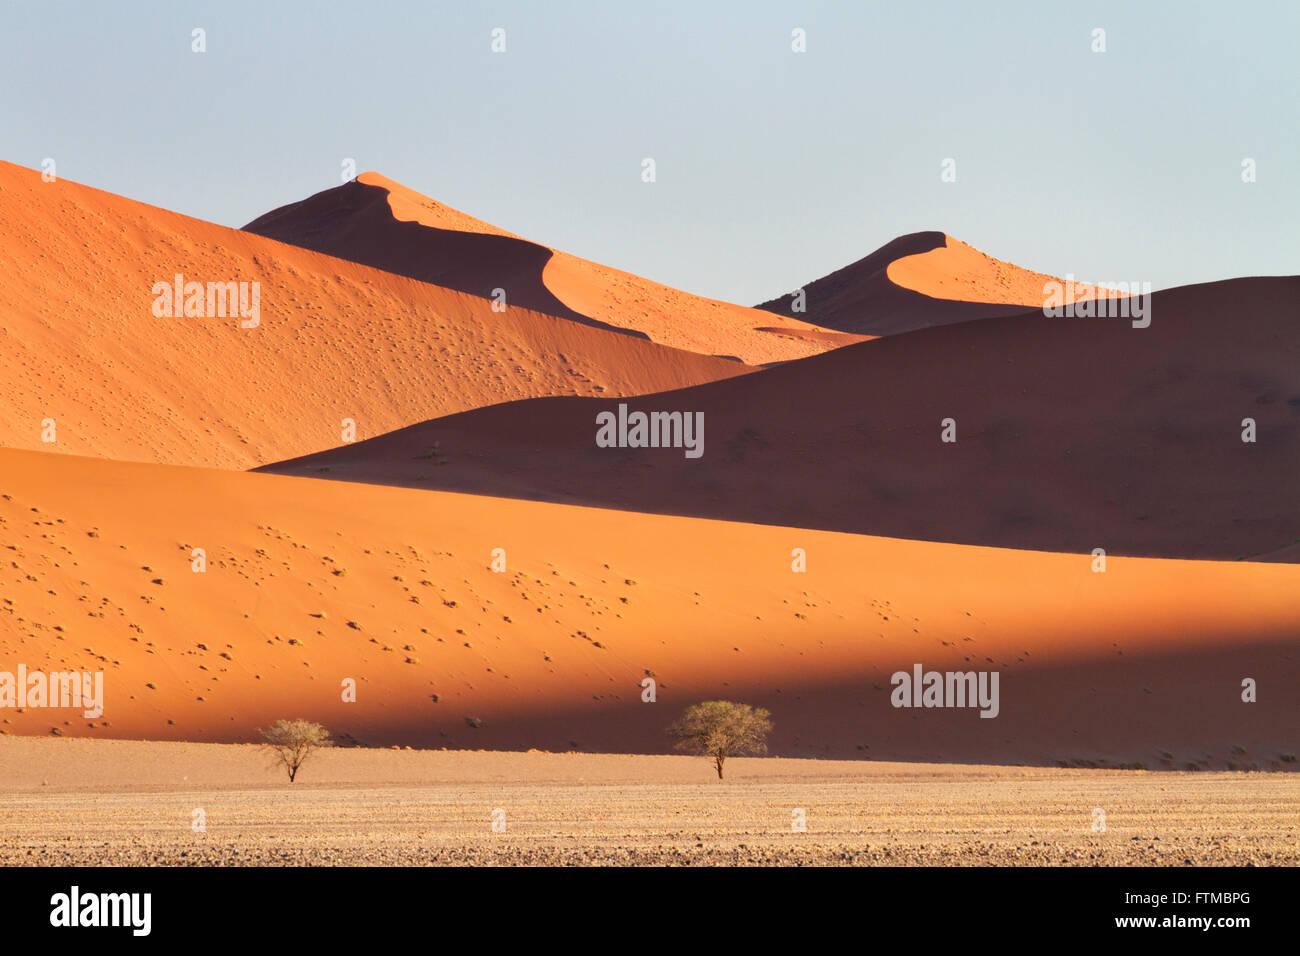 Dunas montañosas y camelthorn árboles de acacia en el desierto de Namib, en el Parque Namib-Naukluft de Imagen De Stock